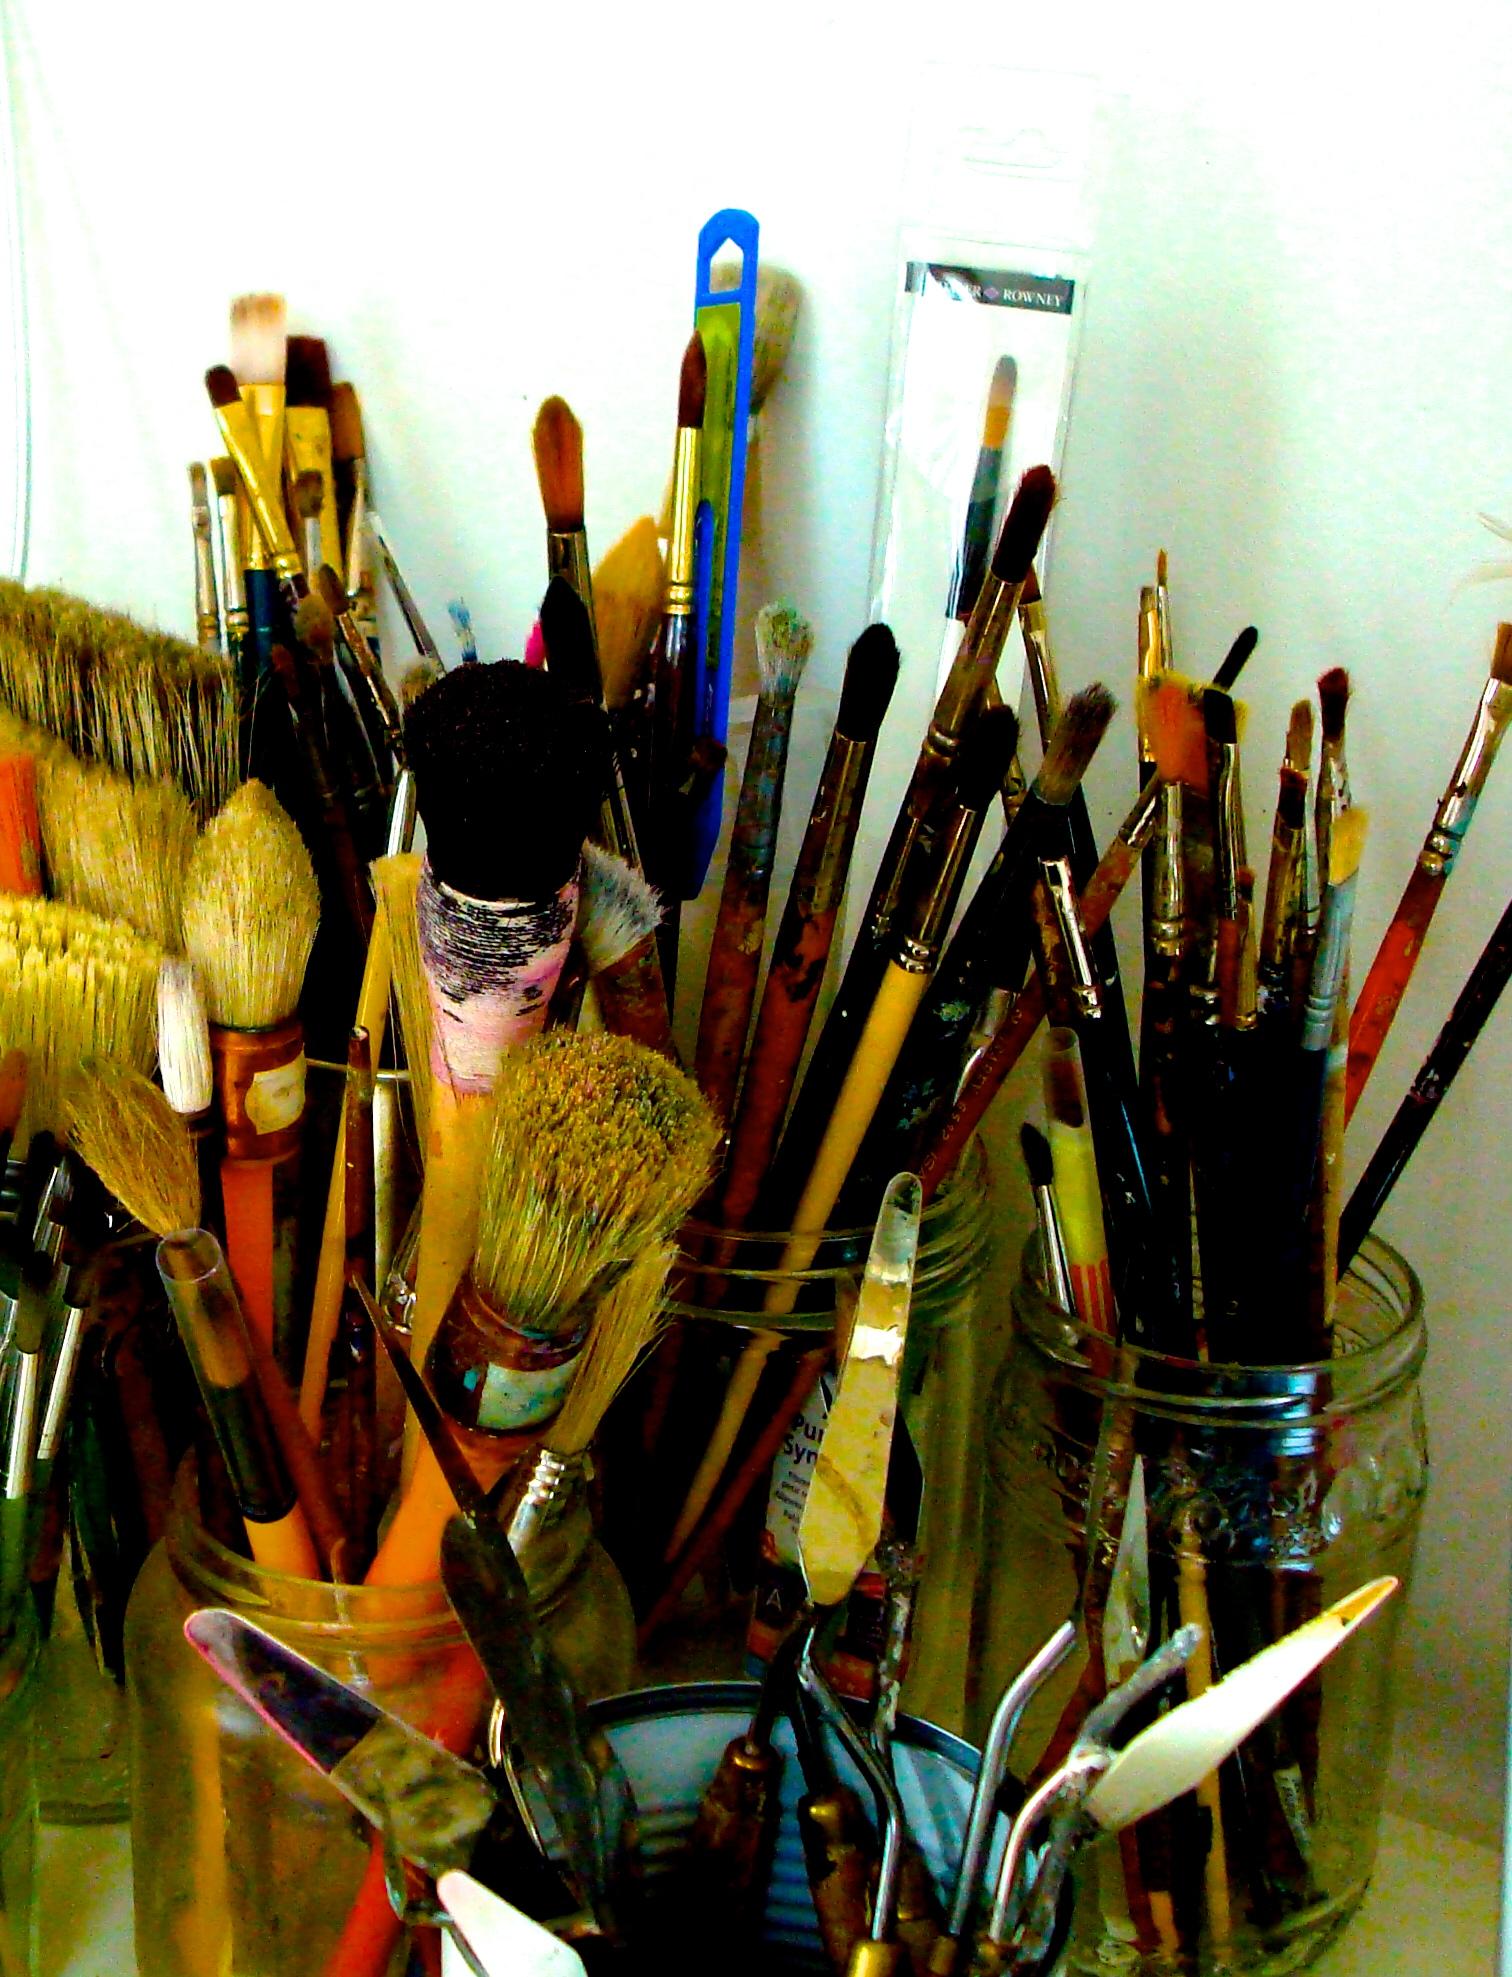 L atelier clang artiste peintre - Atelier artiste peintre ...